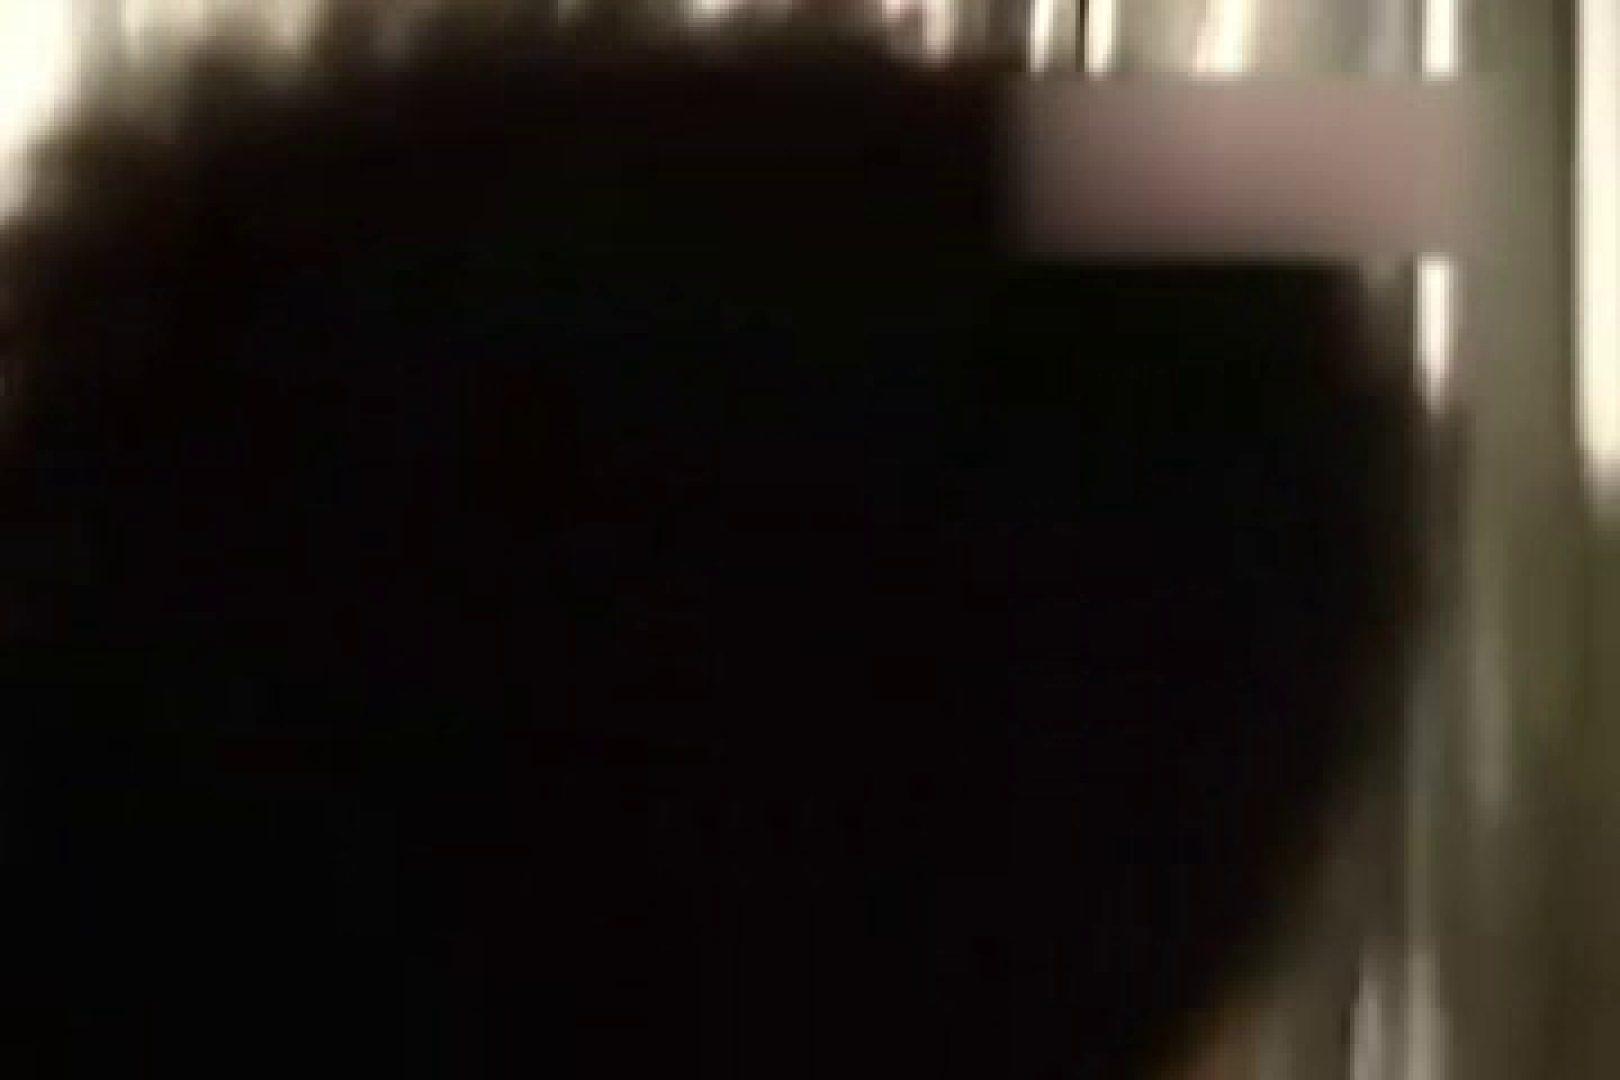 流出!!メンズスーパーモデル達のヌードinChina vol5 ヌード  85pic 30